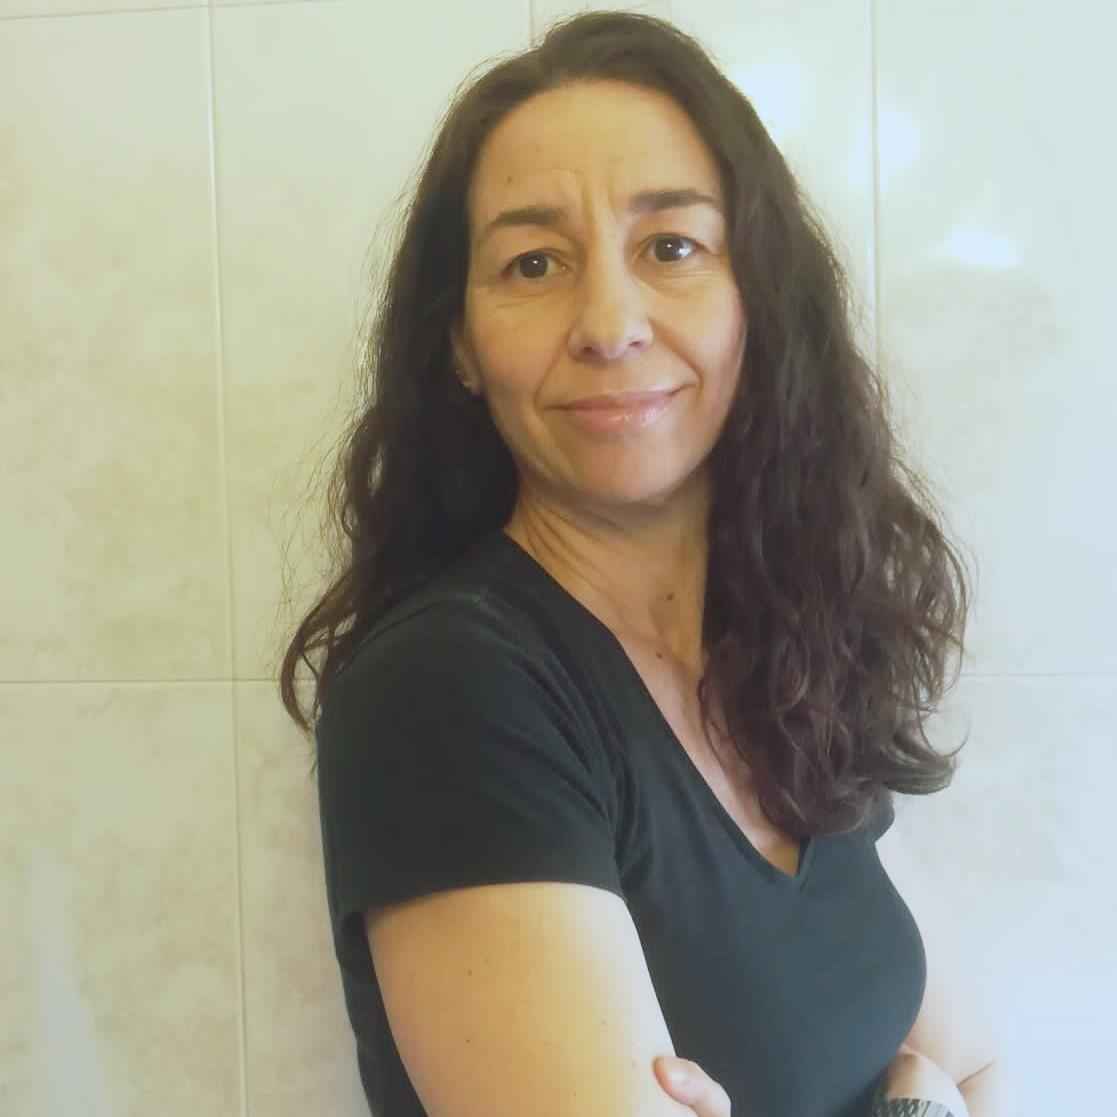 María Ángeles Abadía tiene pelo largo ondulado y castaño, ojos castaños y camiseta negra con cuello de pico